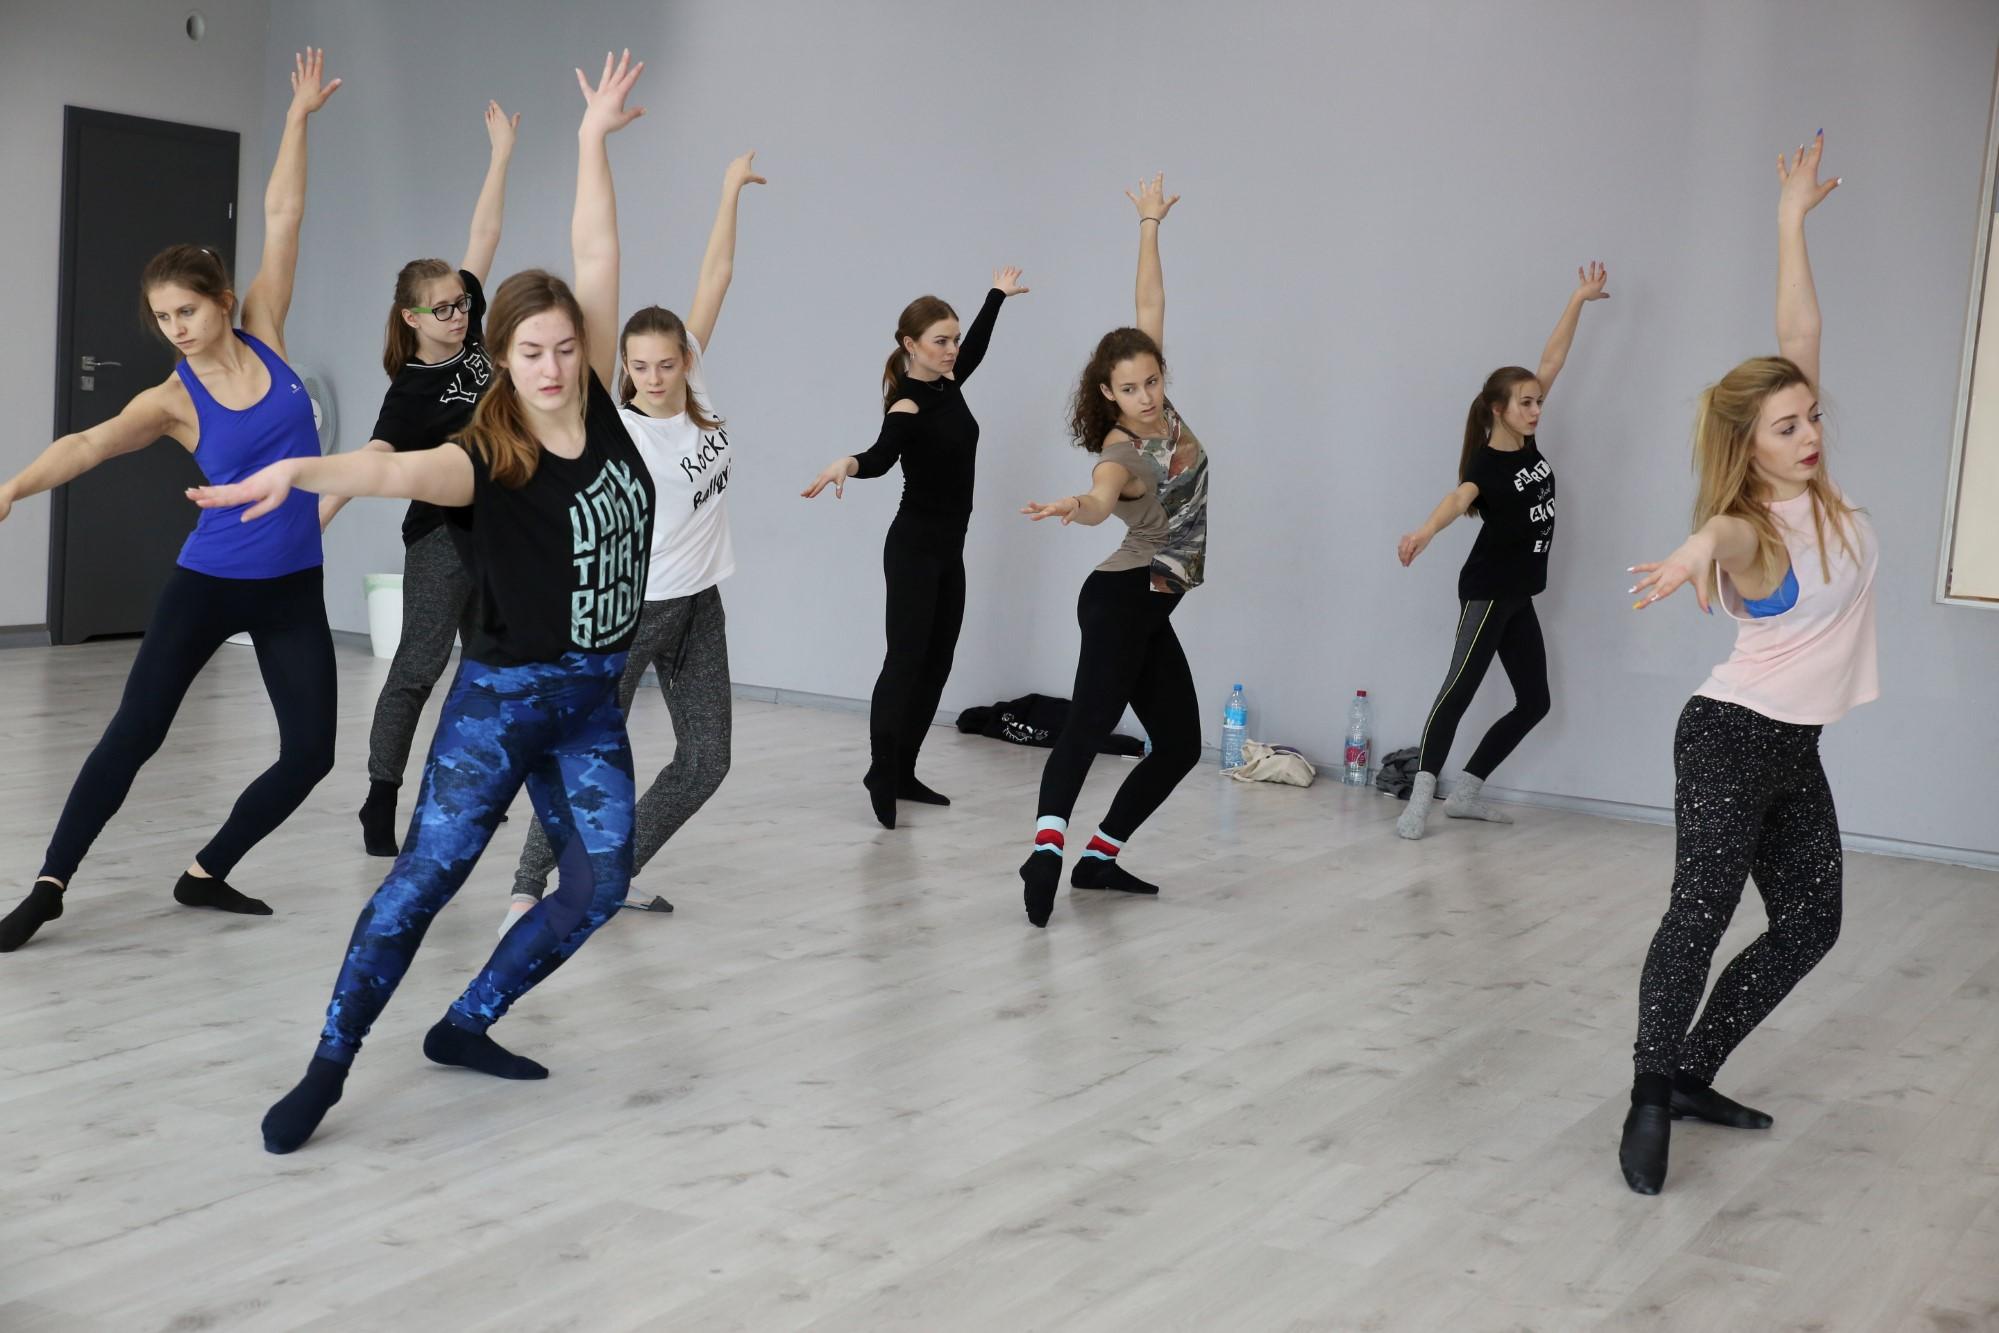 Aktualne jazz - Szkoła Tańca Jagielski Dance Project - Taniec dla dzieci i LM65